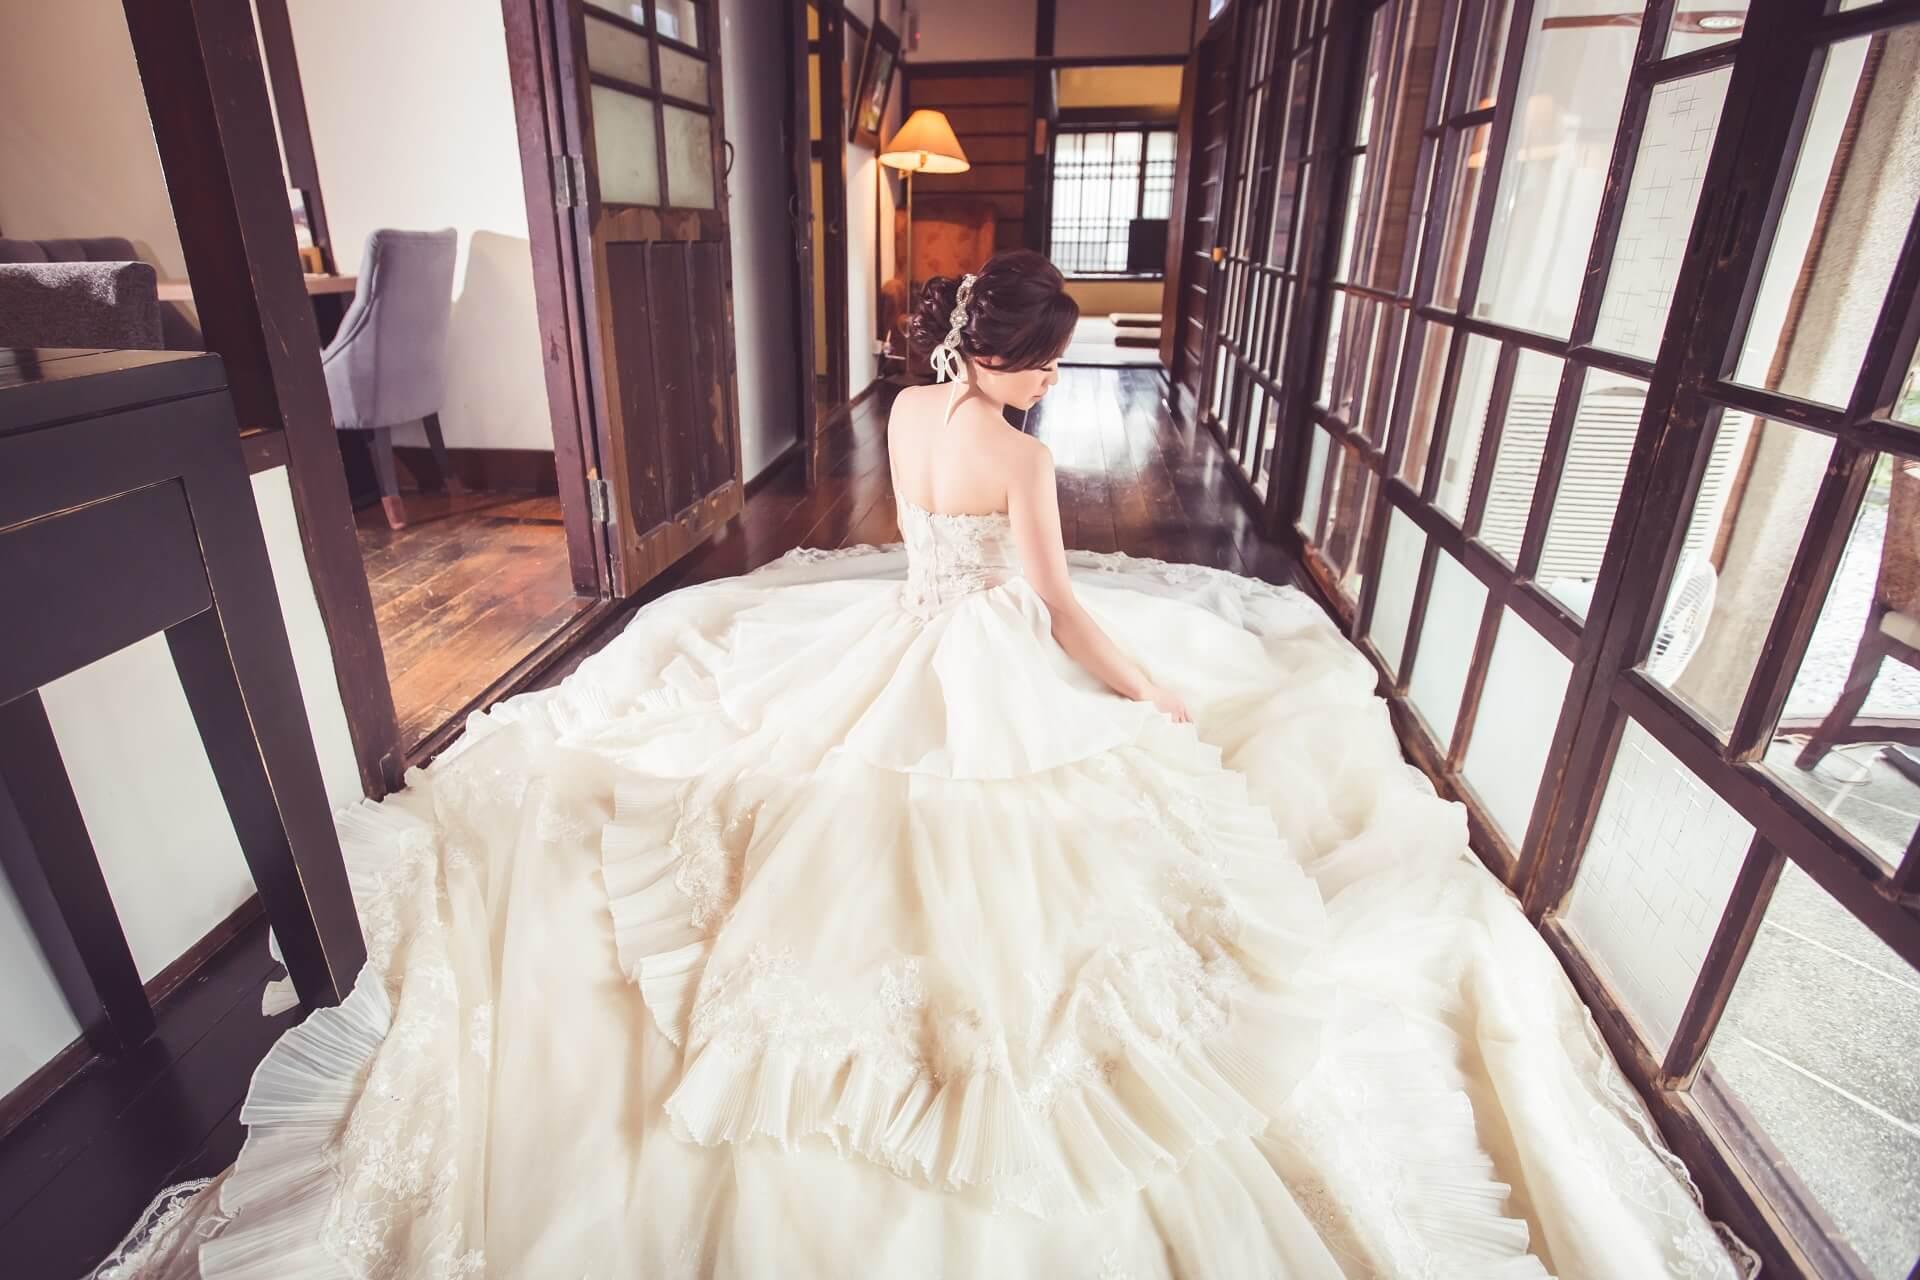 青田七六-私人拍攝-婚紗攝影 (4)